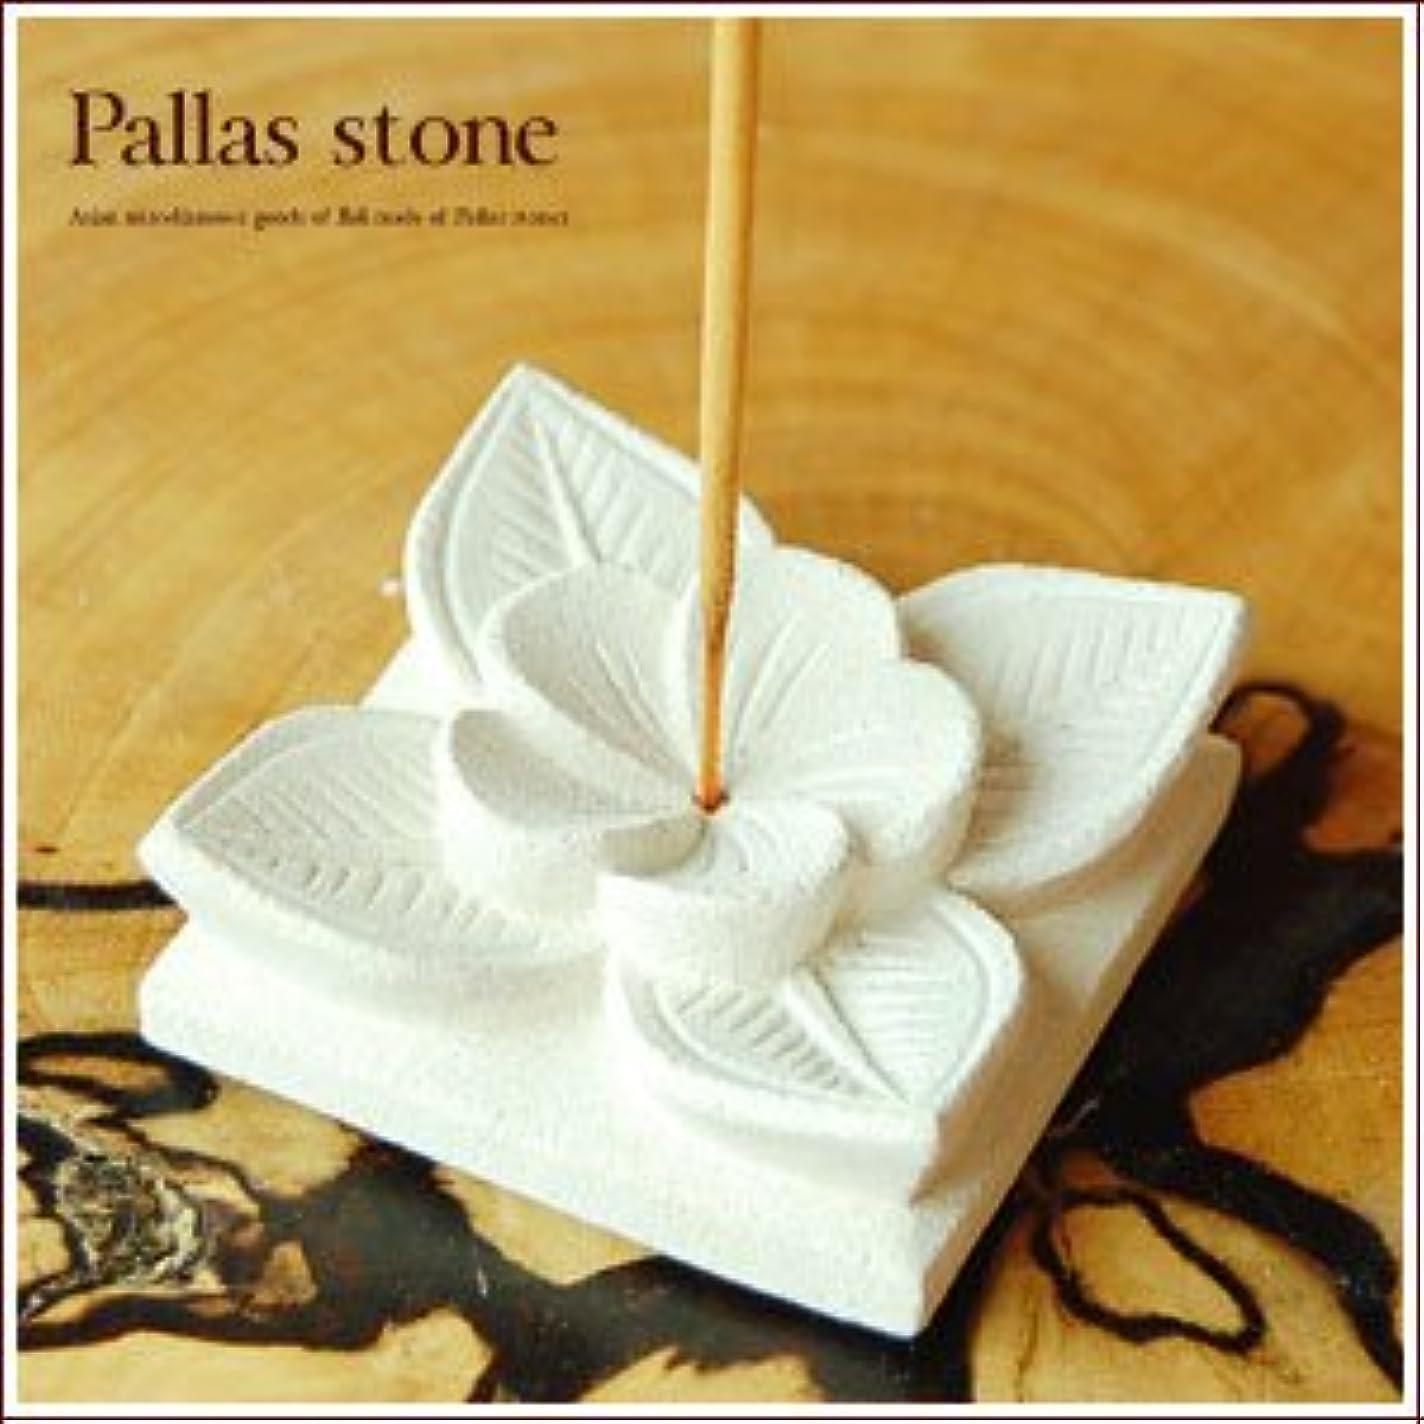 【アジア工房】パラス石を彫って作ったプルメリアモチーフのお香立て[小][10135] Aタイプ [並行輸入品]